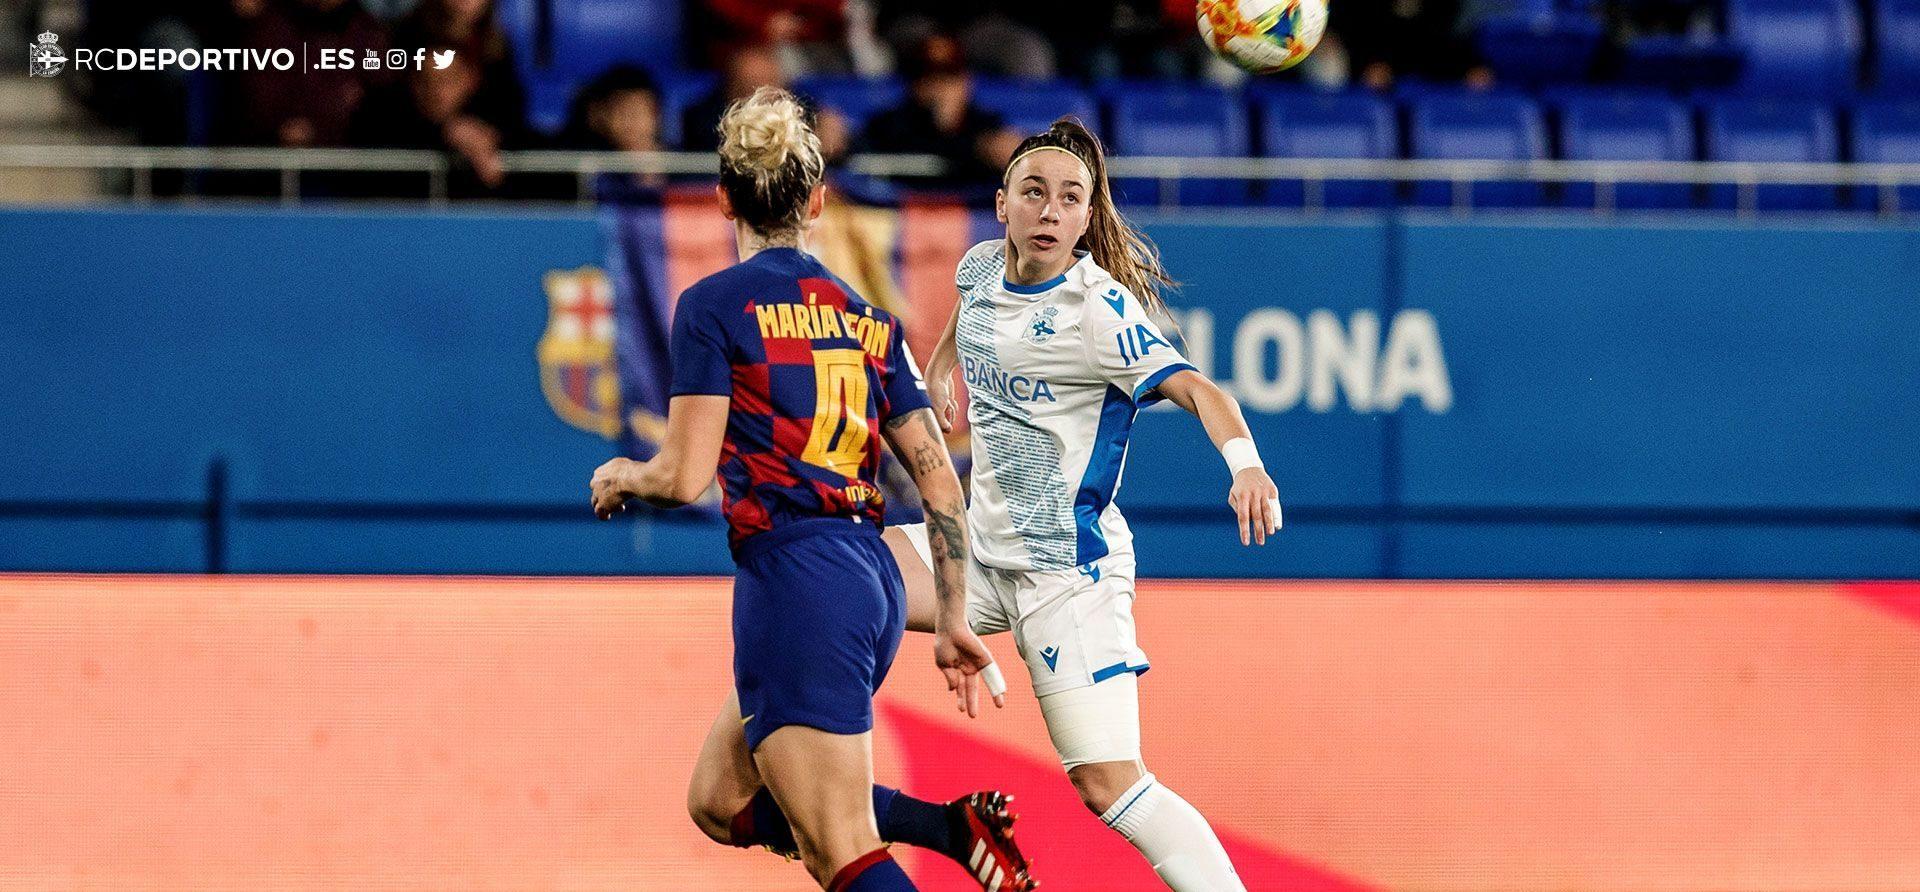 Deportivo ABANCA - FC Barcelona Athenea e Mapi León